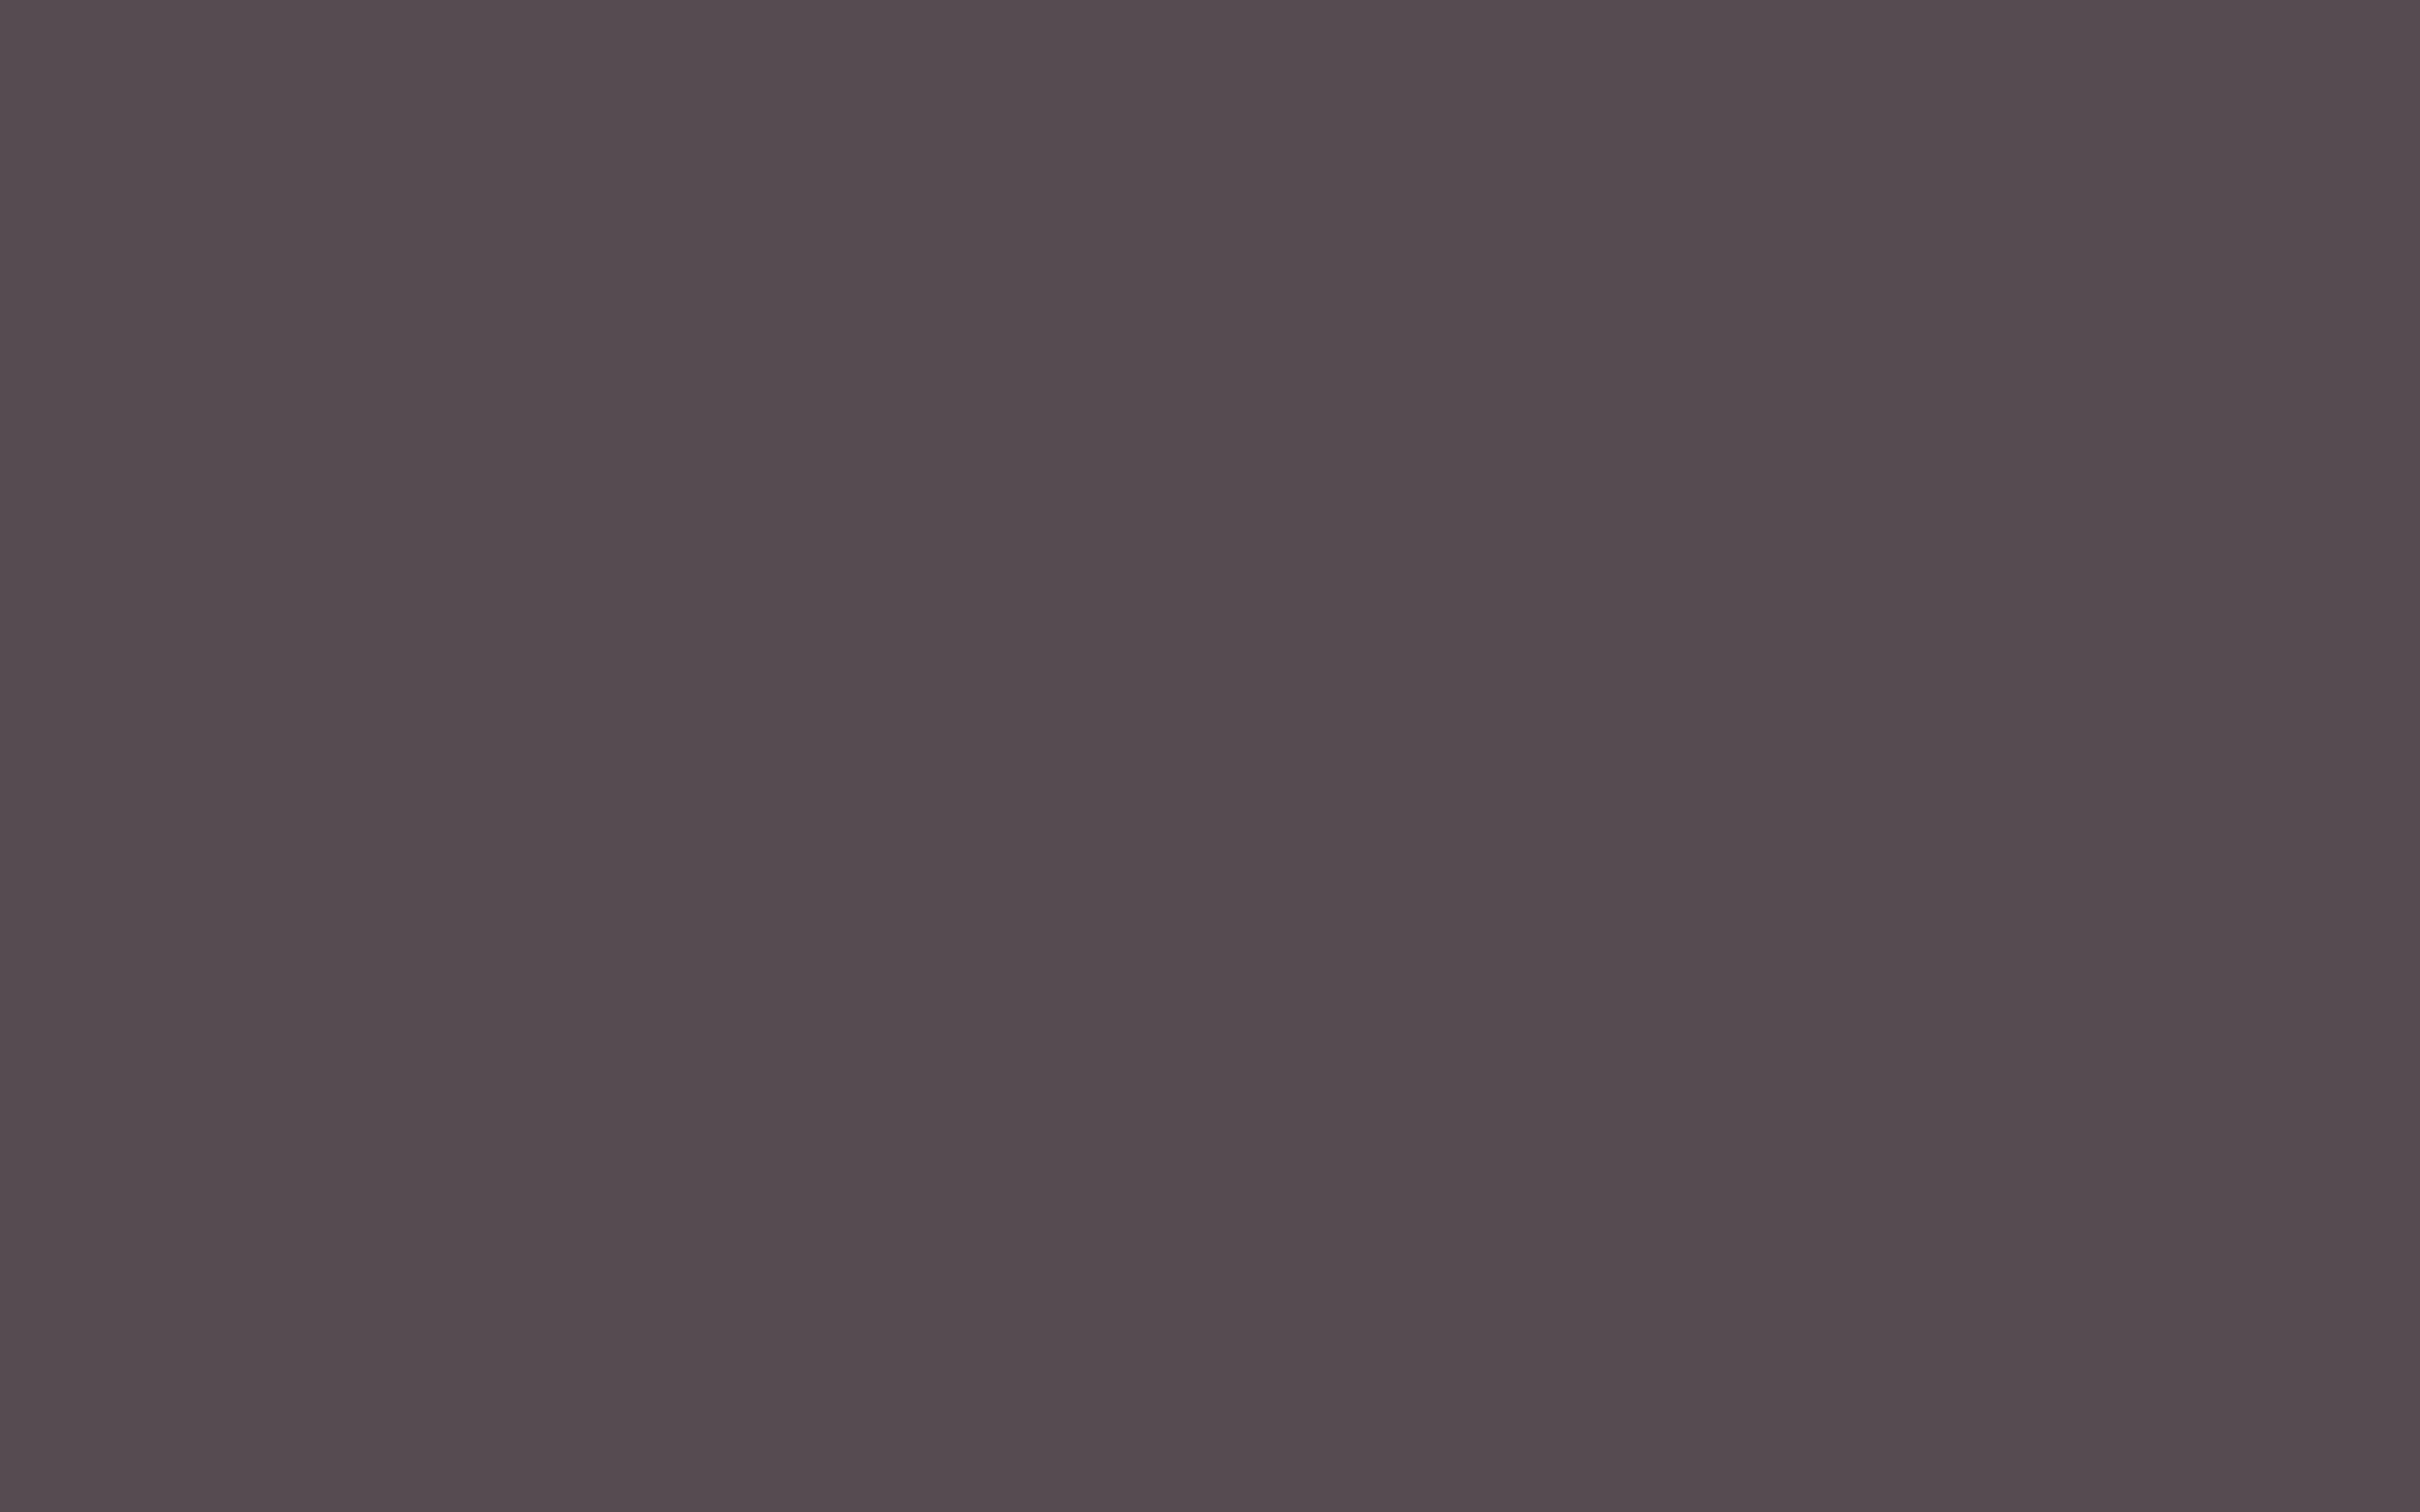 2560x1600 Dark Liver Solid Color Background